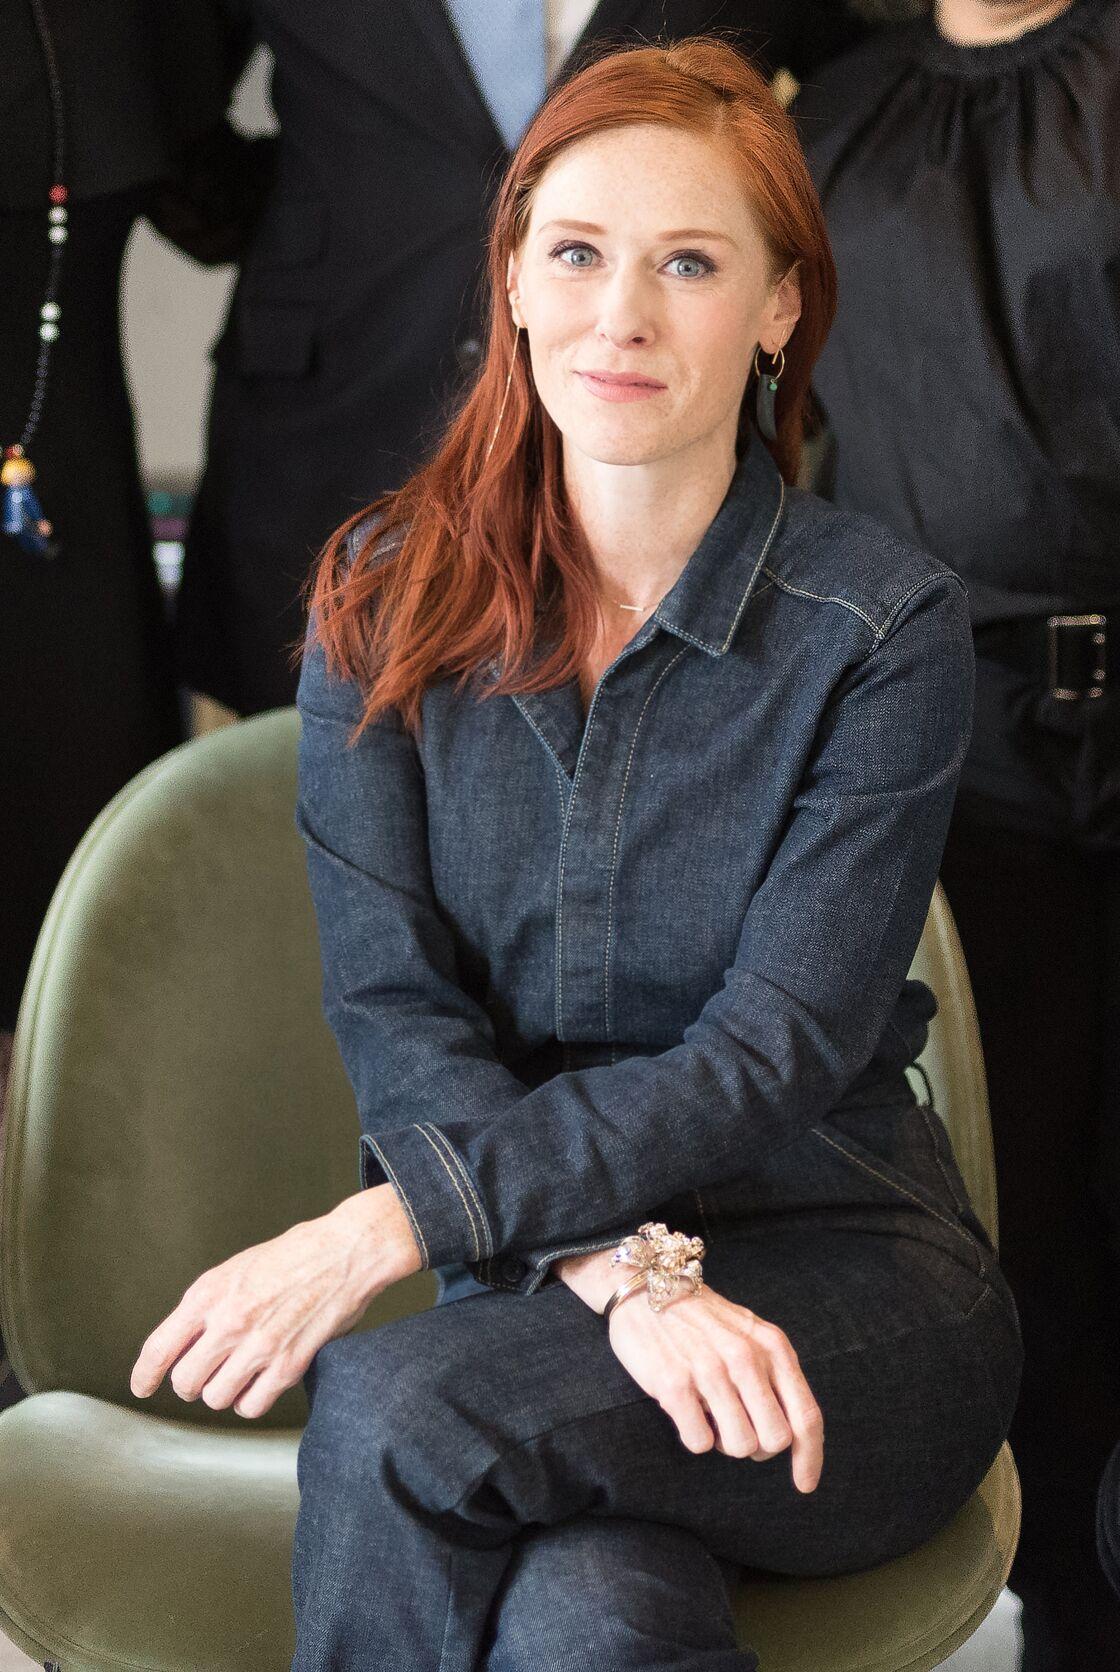 Audrey Fleurot adoucit son teint porcelaine avec une combinaison foncée en jean près du corps